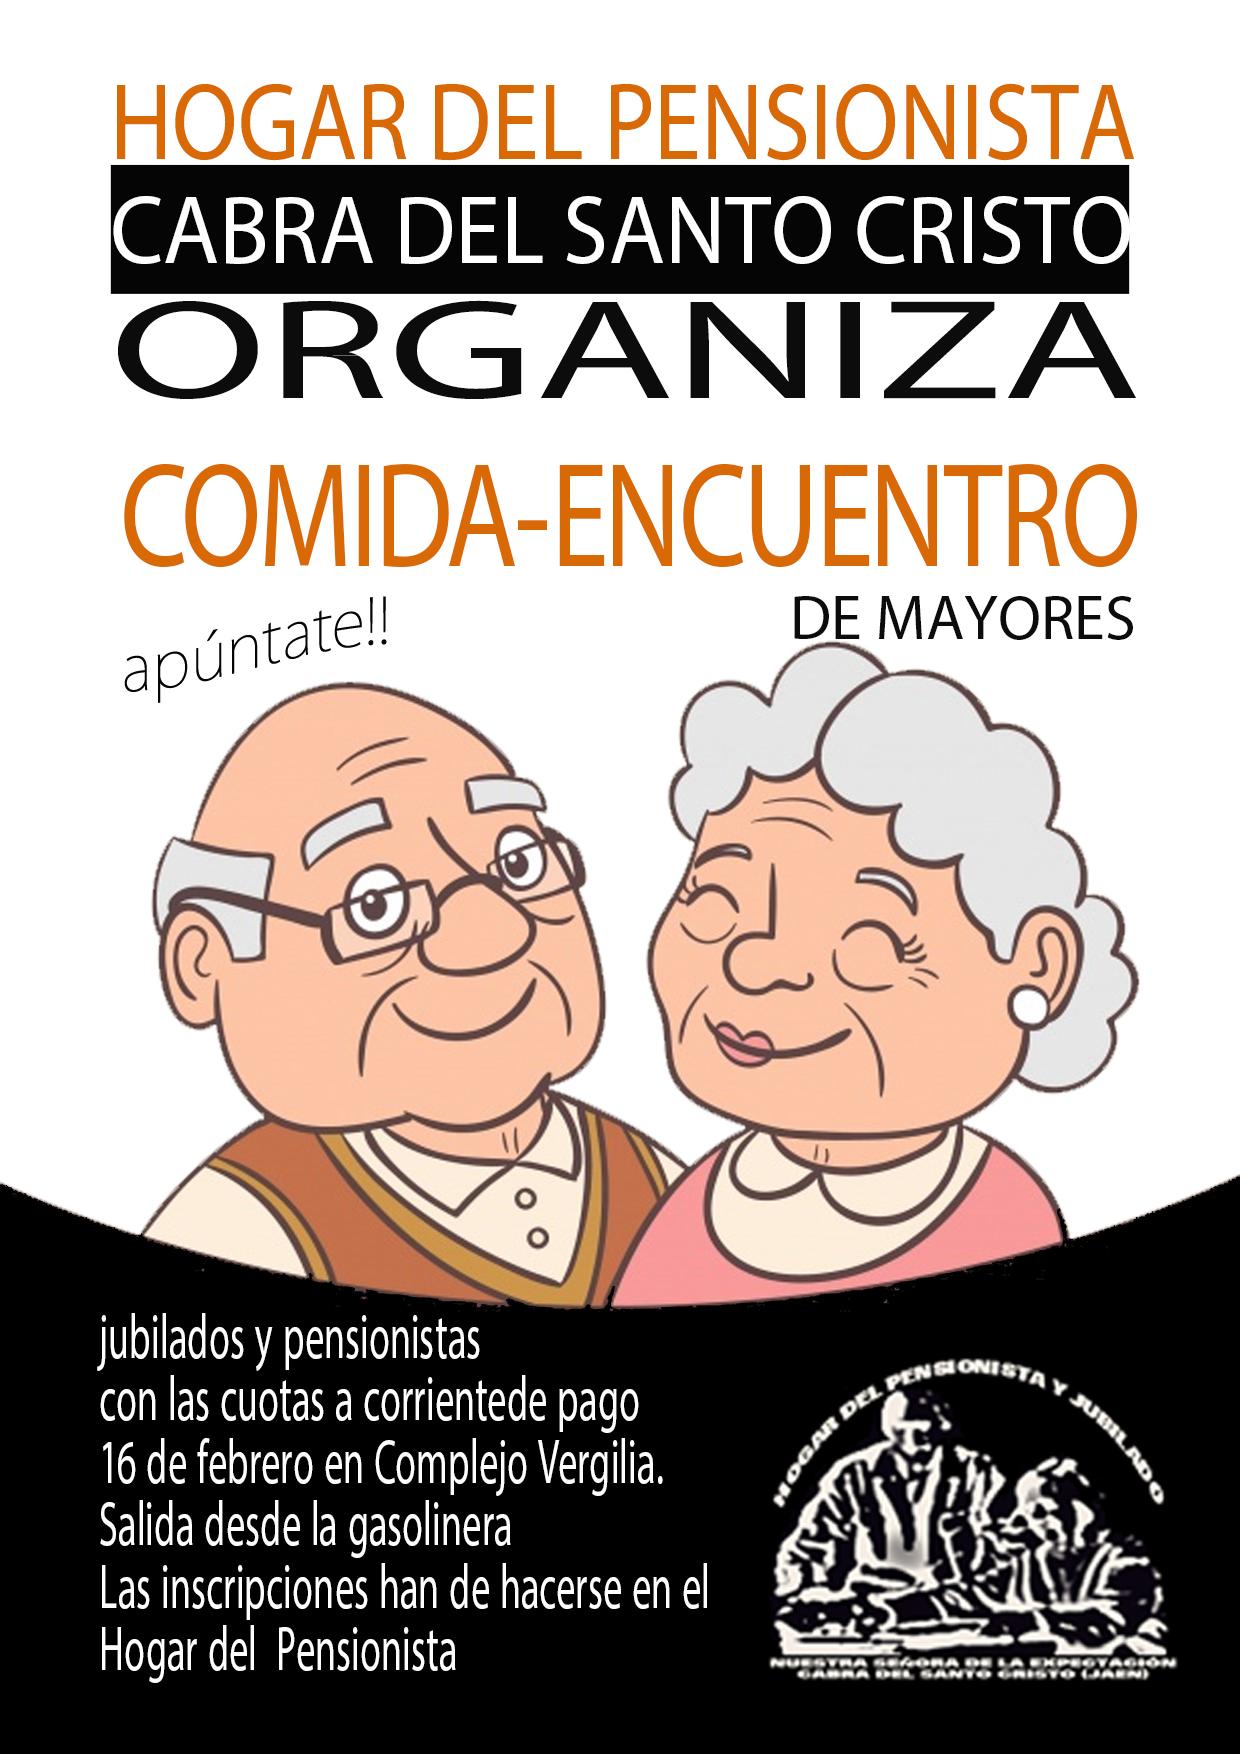 COMIDA DE CONVIVENCIA HOGAR DEL PENSIONISTA Y JUBILADO